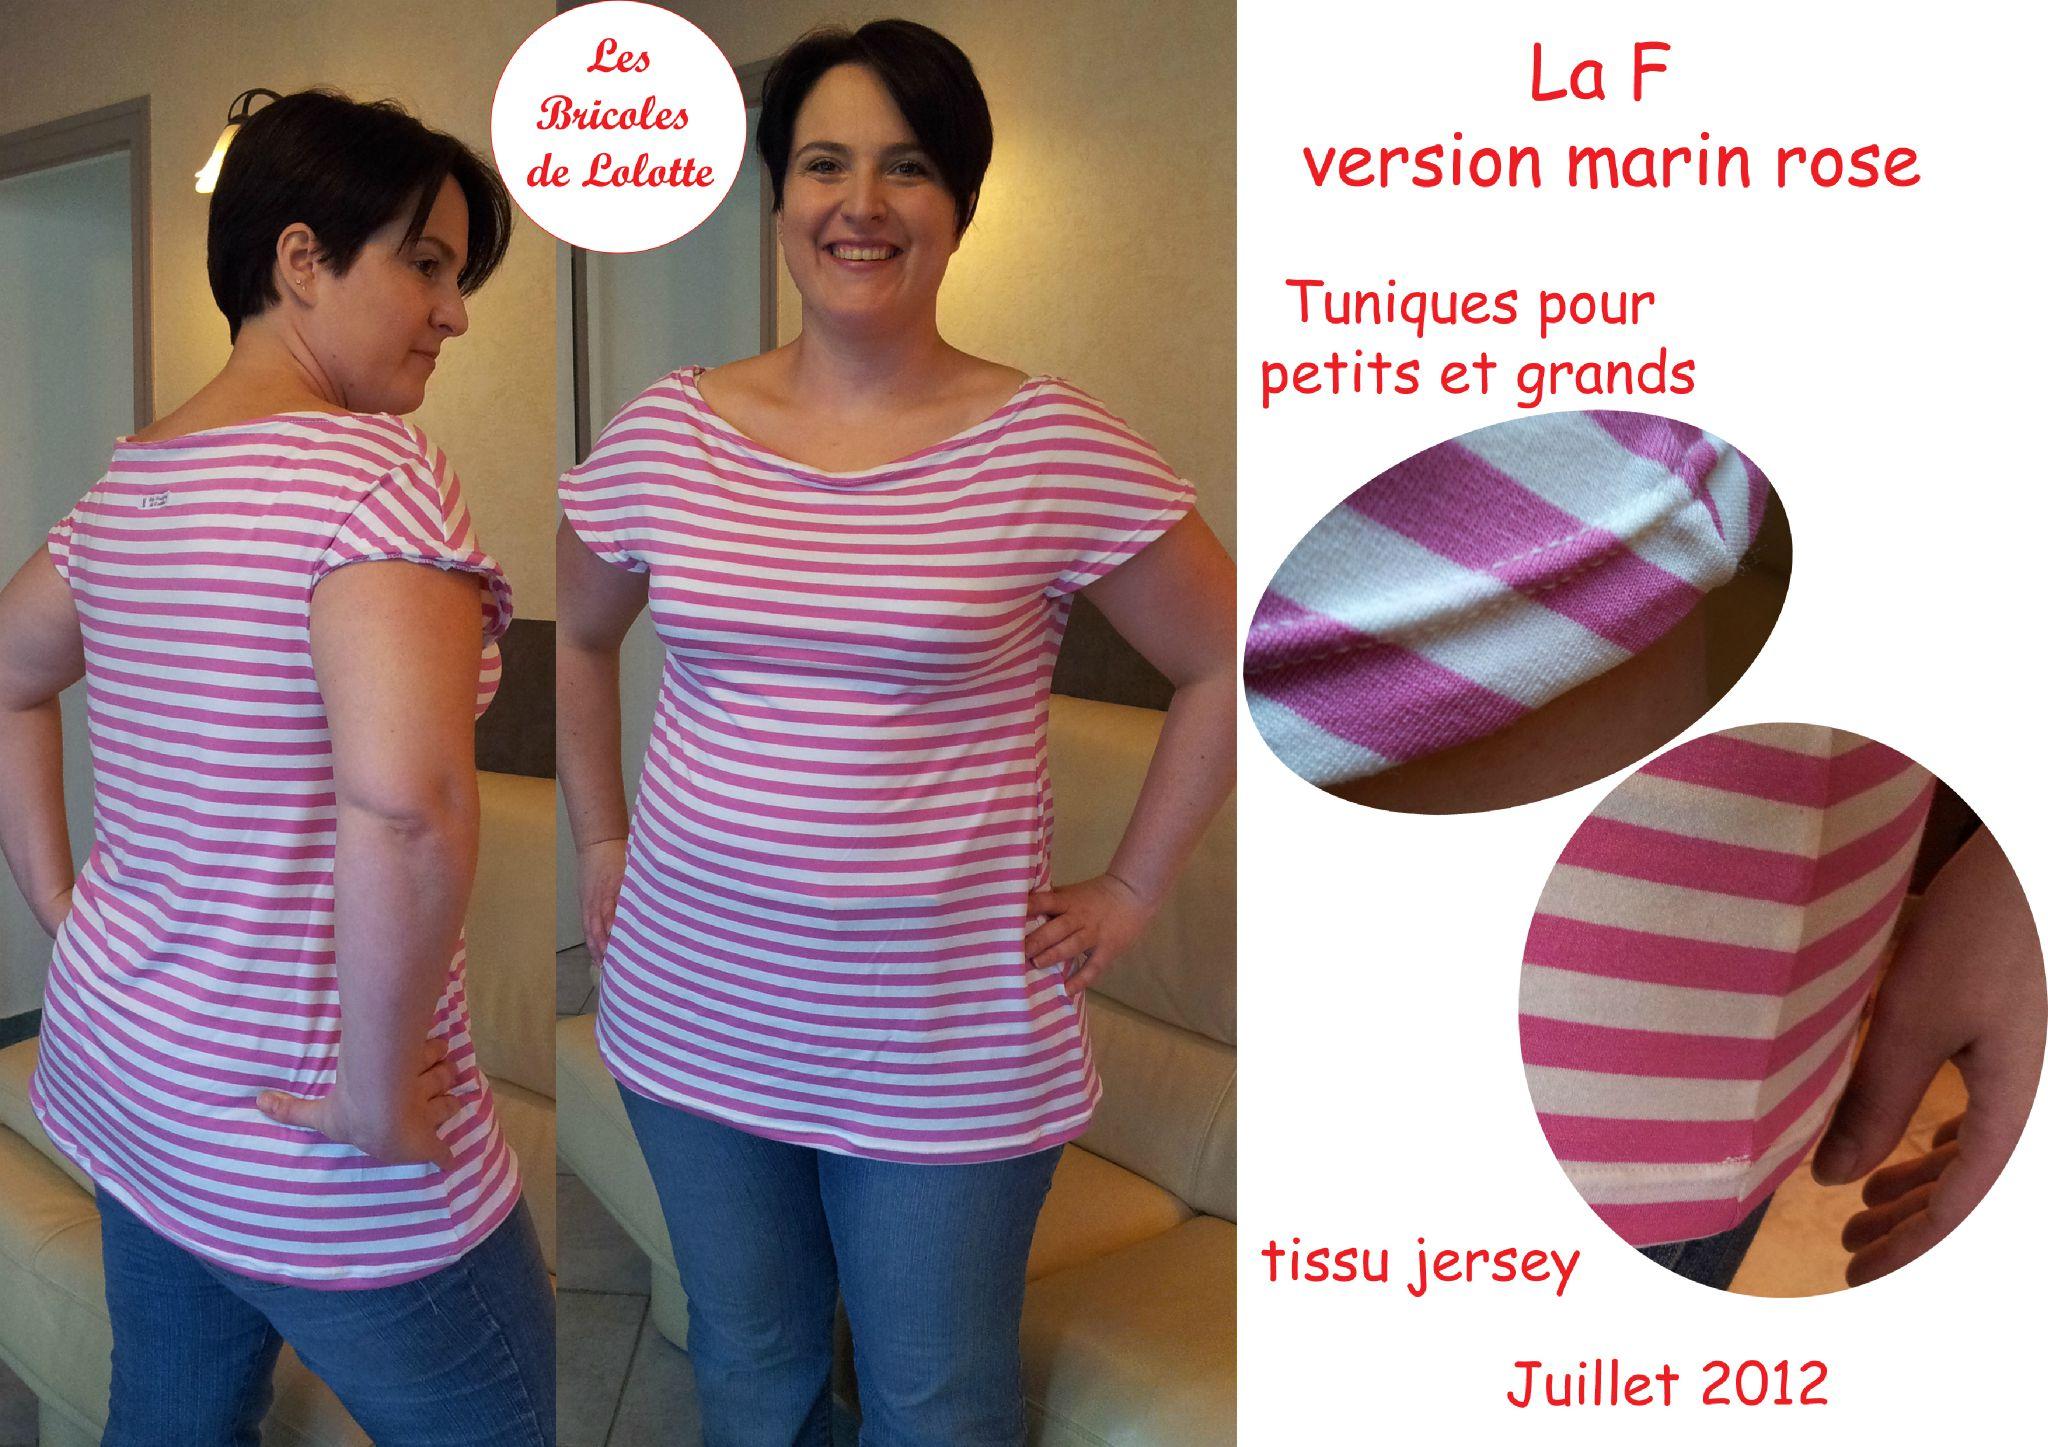 tunique F - version marin rose copie